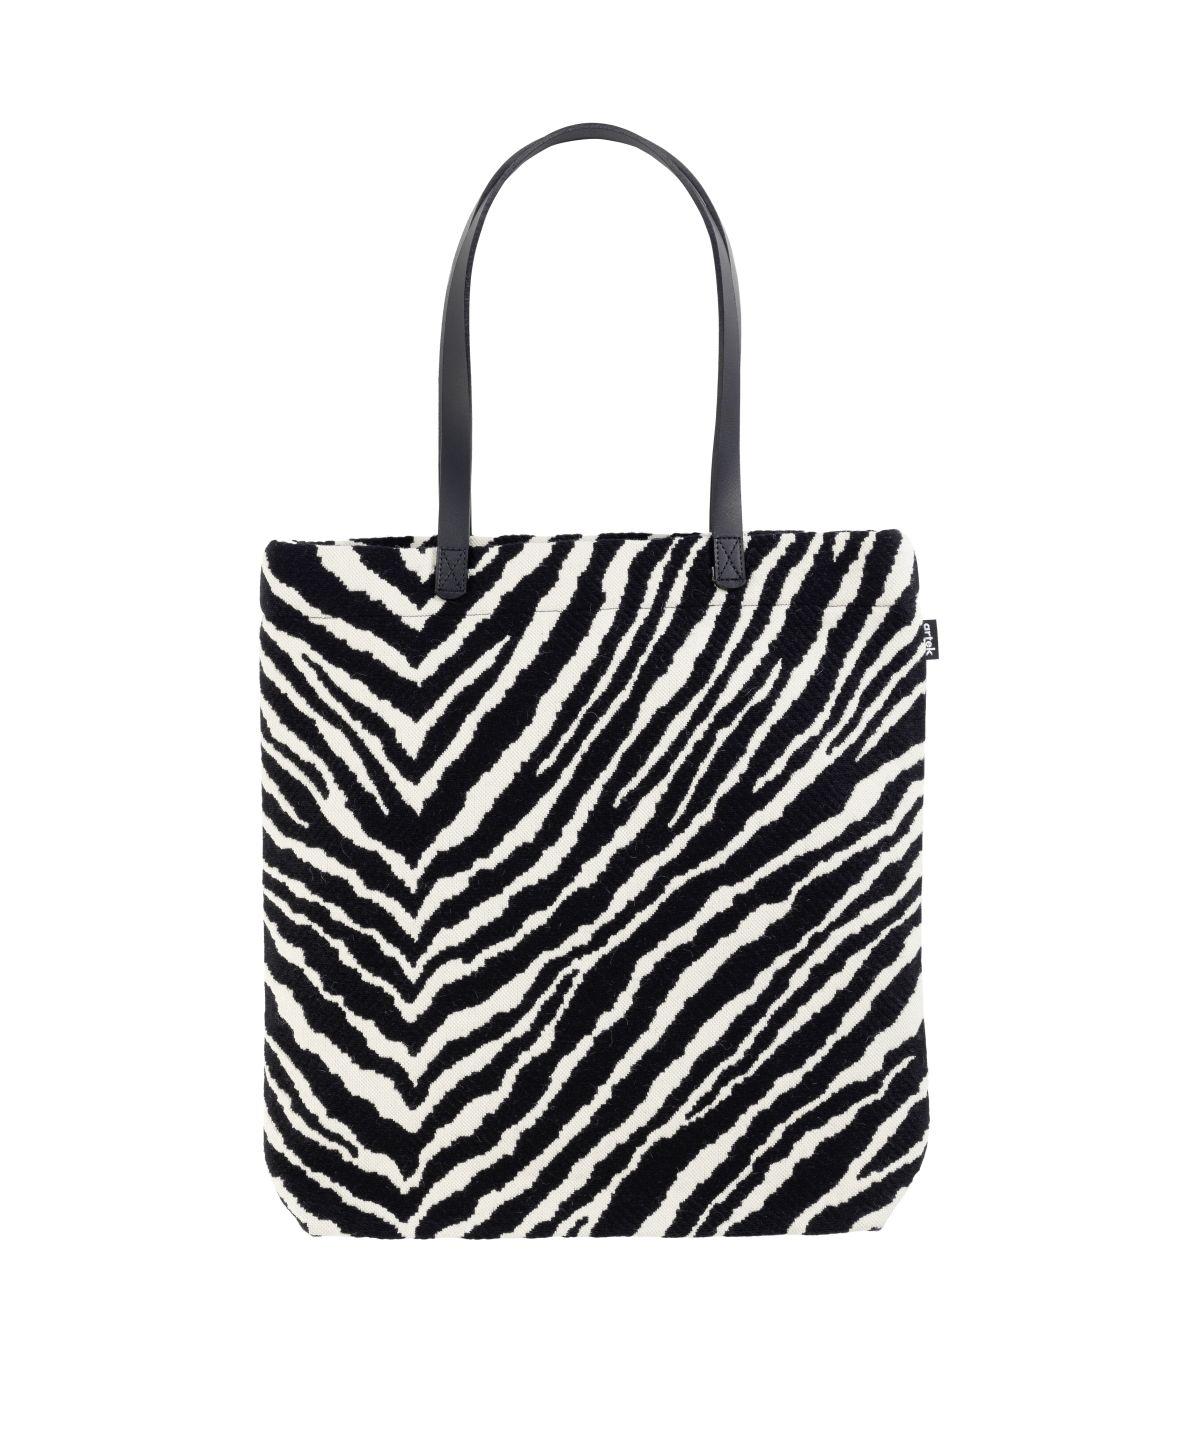 Artek-Zebra-Tote-Bag_F